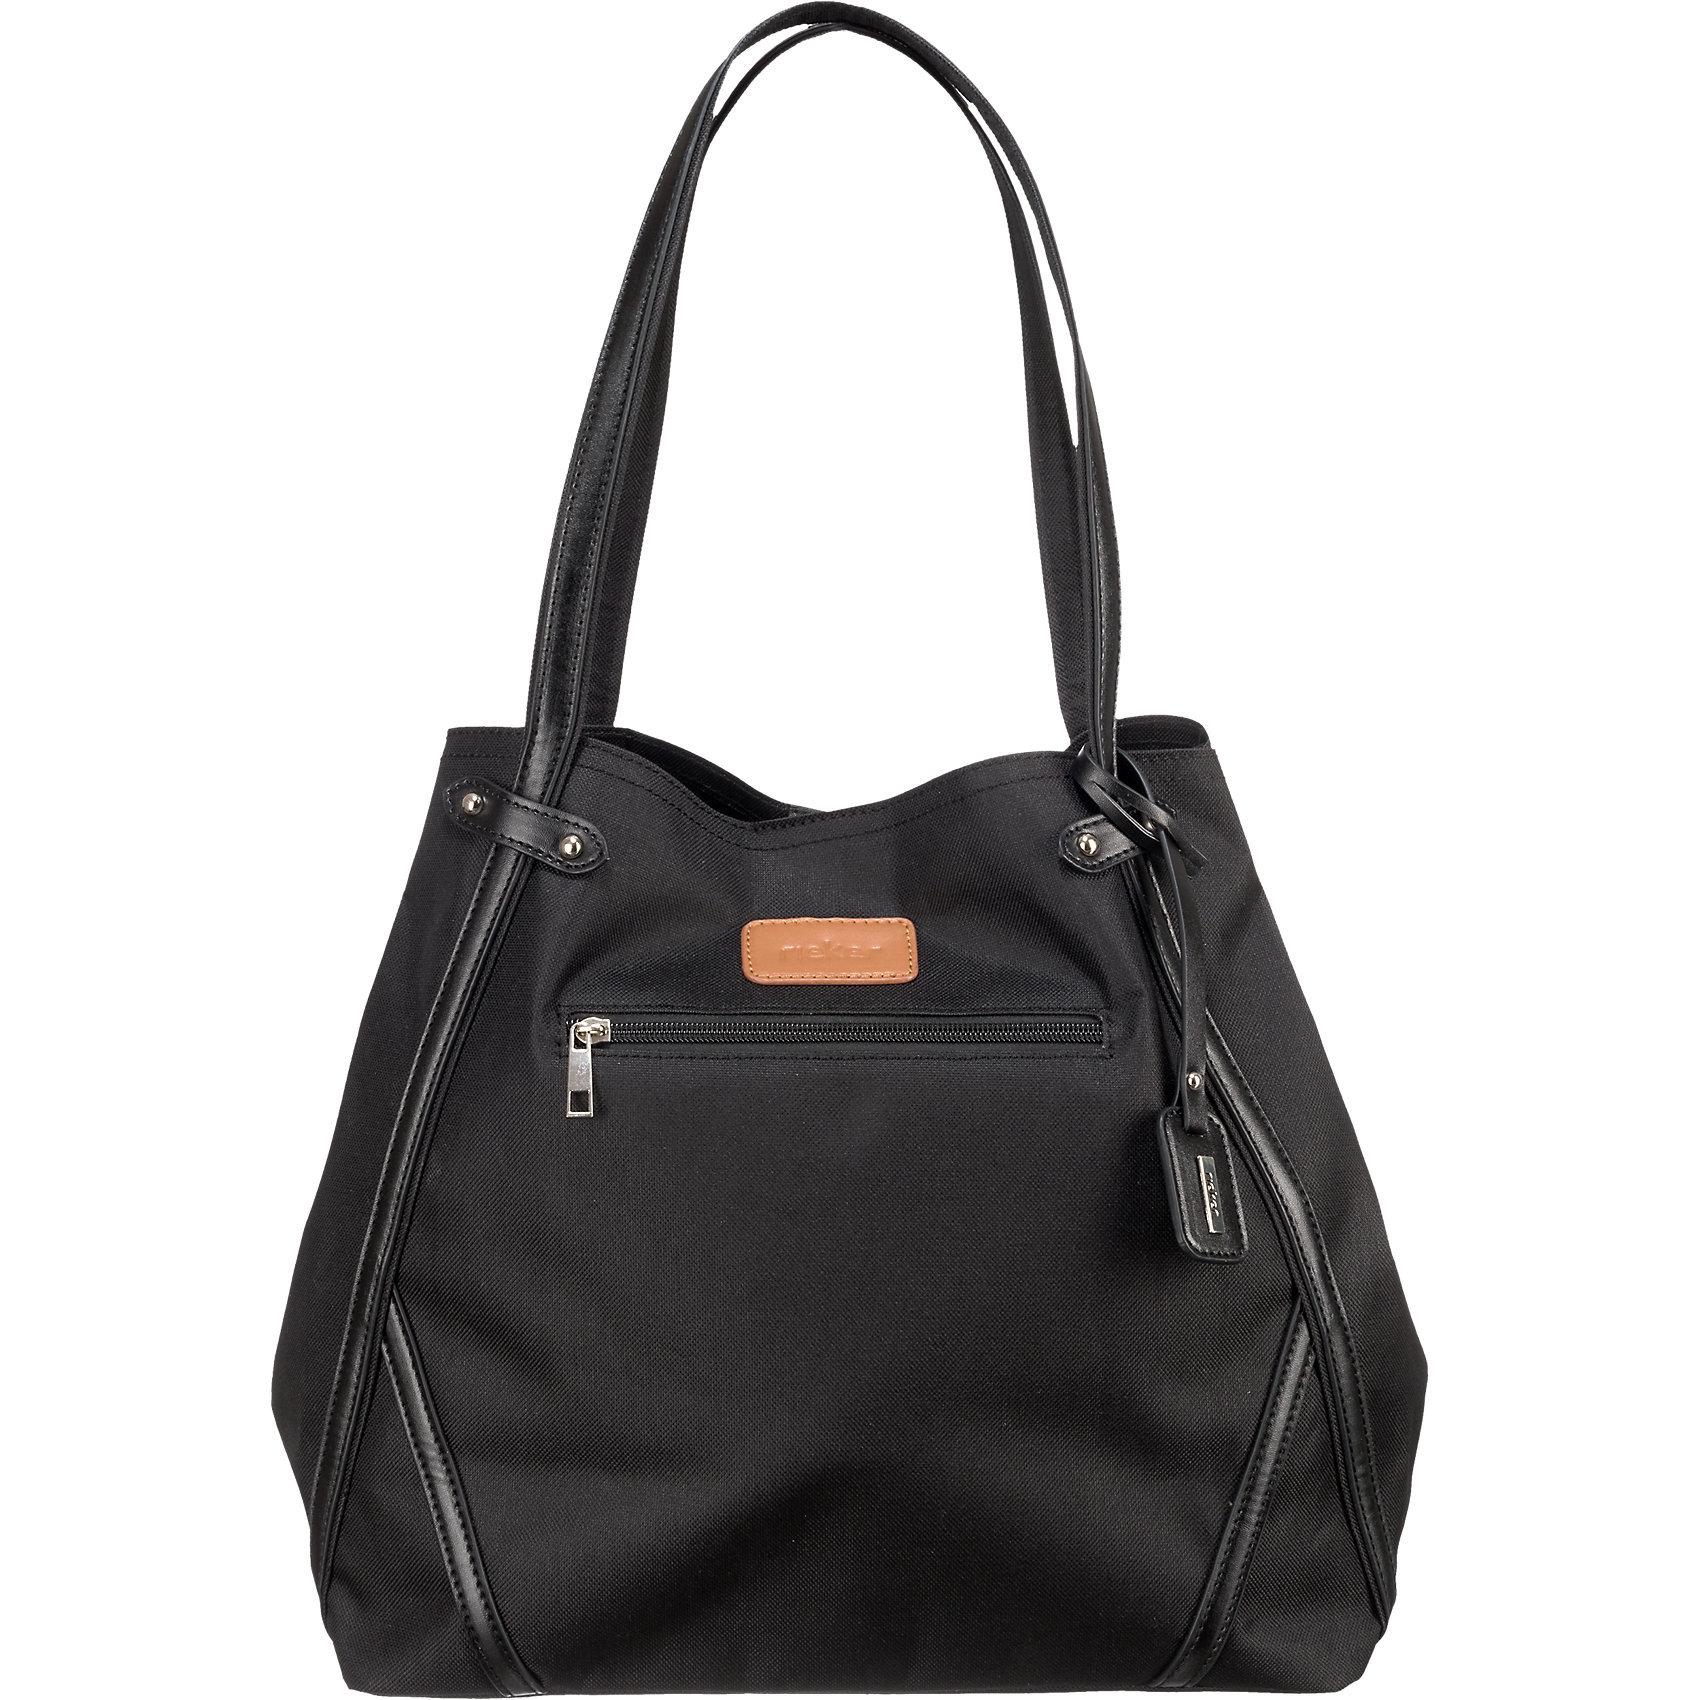 Riecker Handtasche in schwarz oder silber bei About You